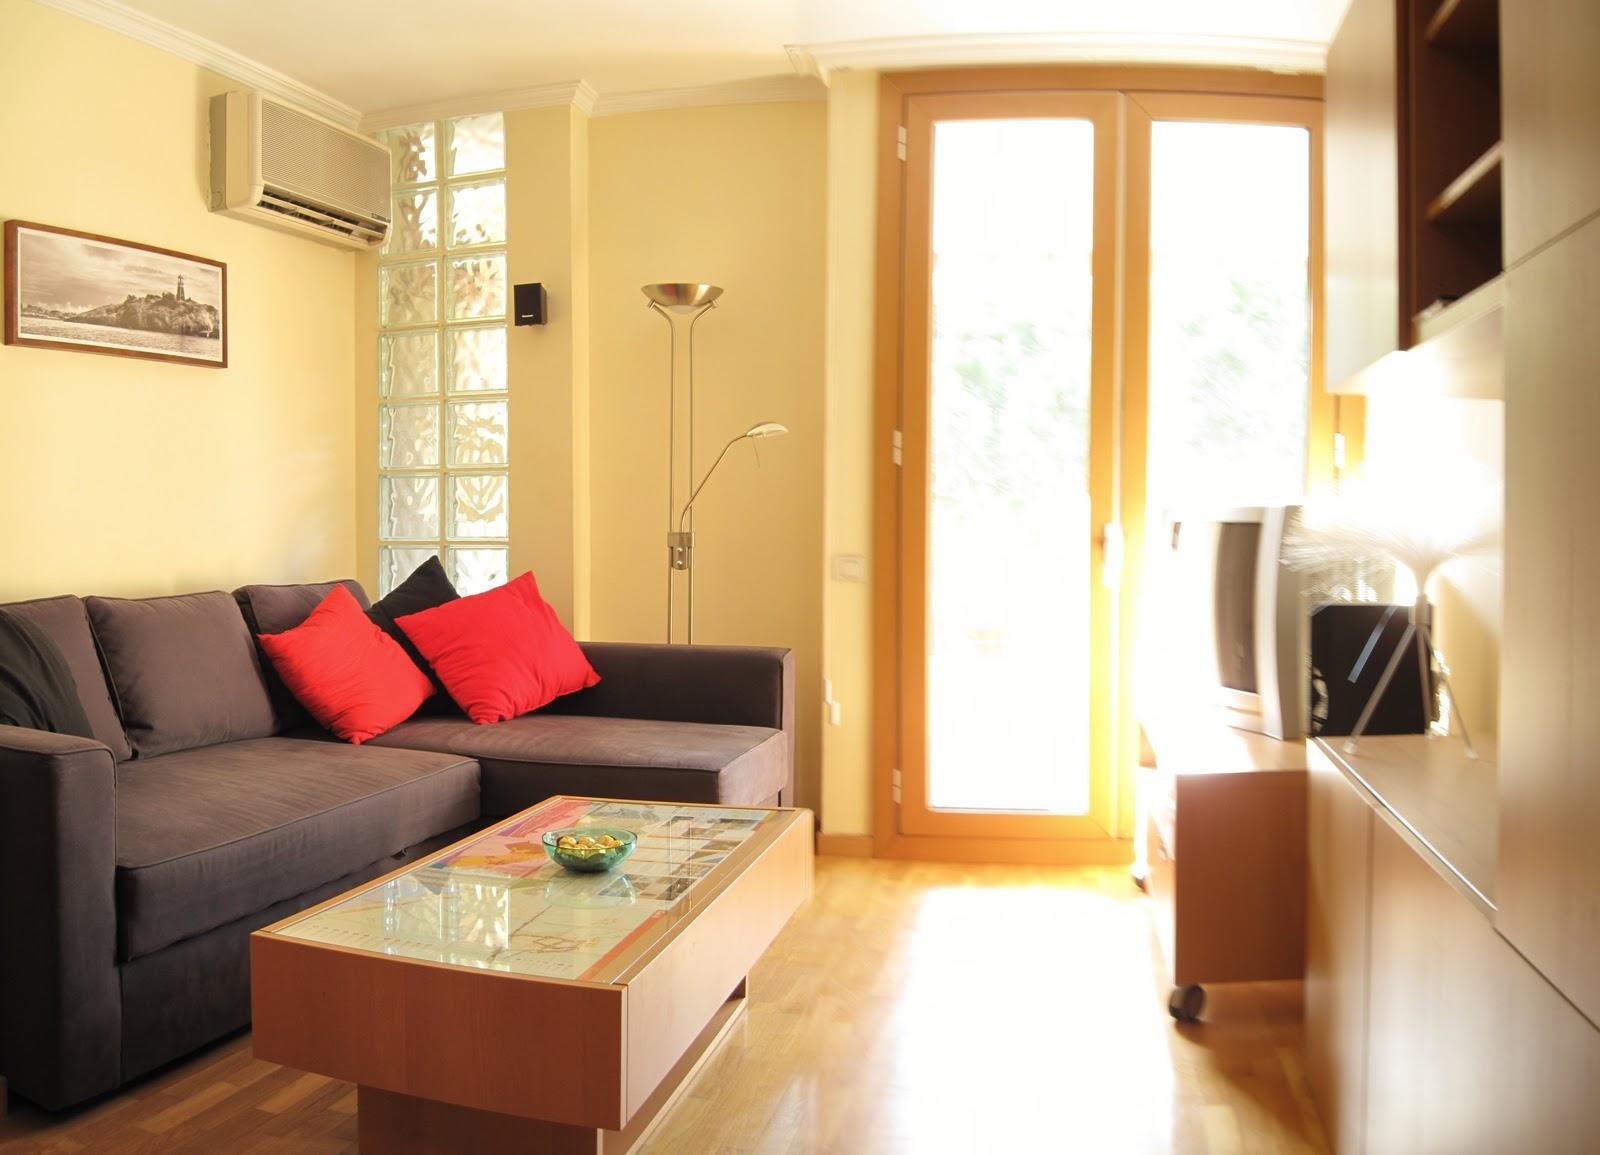 appartement pas cher barcelona profitez d 39 un s jour r ussi et en toute s r nit. Black Bedroom Furniture Sets. Home Design Ideas